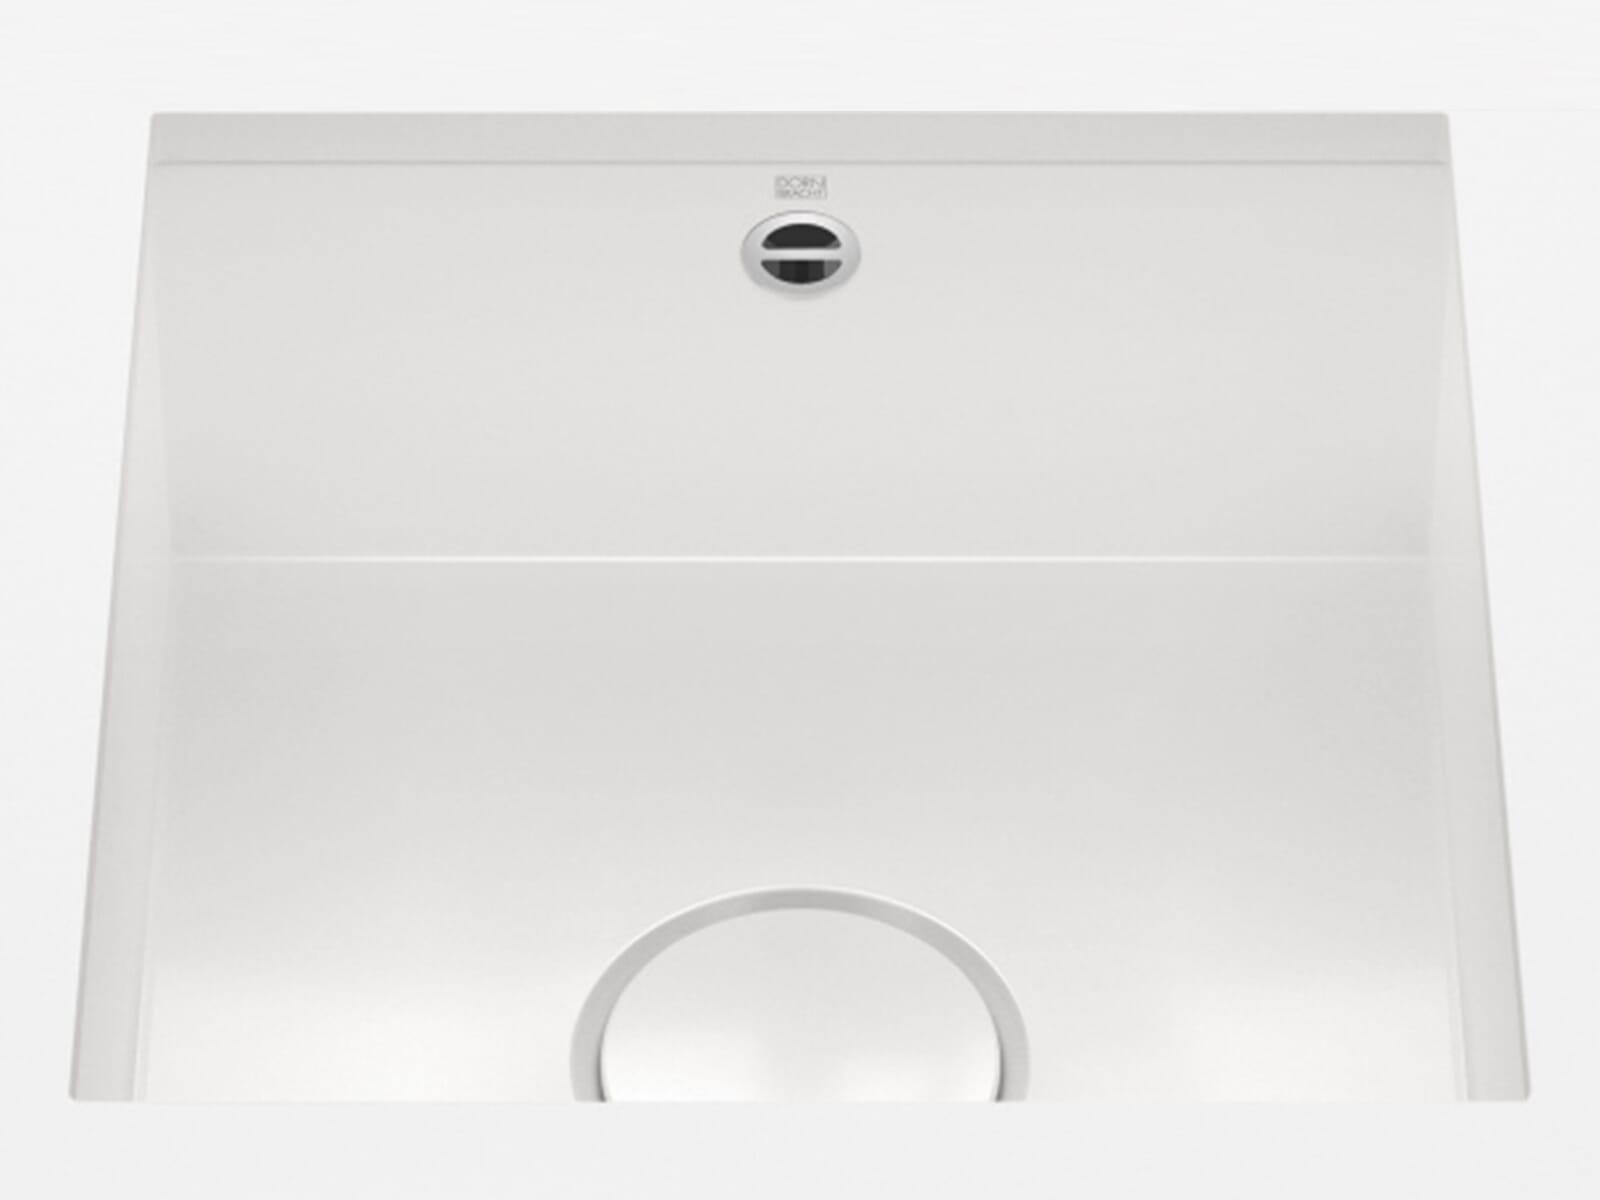 Dornbracht Unterbau-Spüle Glasierter Stahl Weiß Glänzend 38400002-73